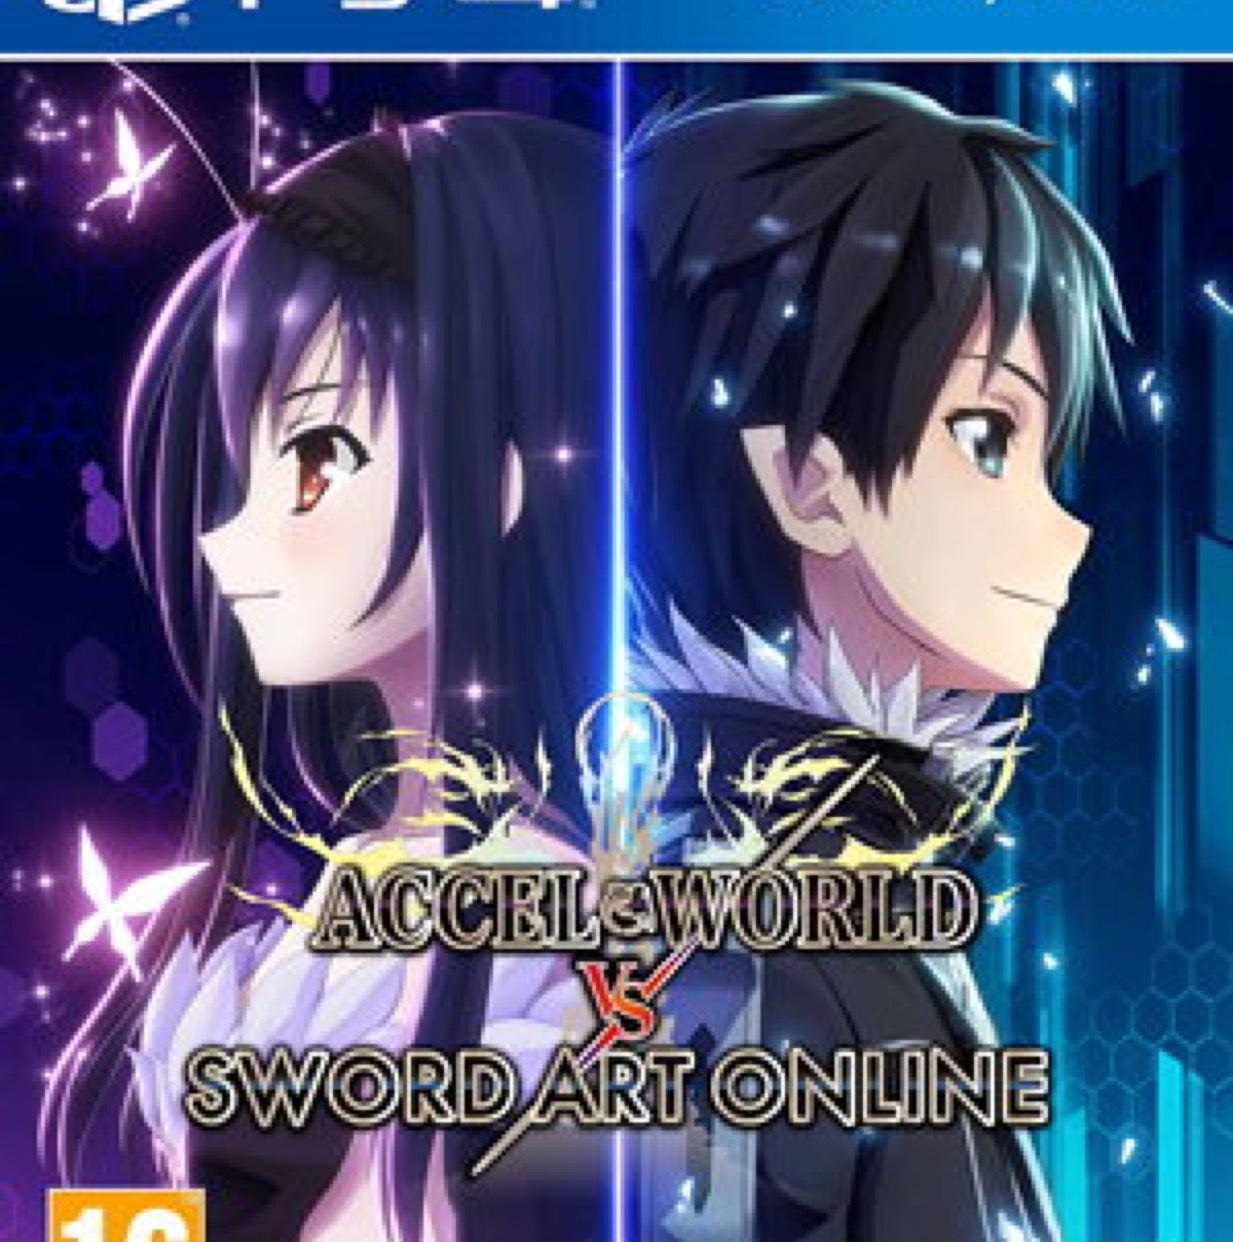 Accel World vs Sword Art Online (PS4) - £21.85 @ Base.com